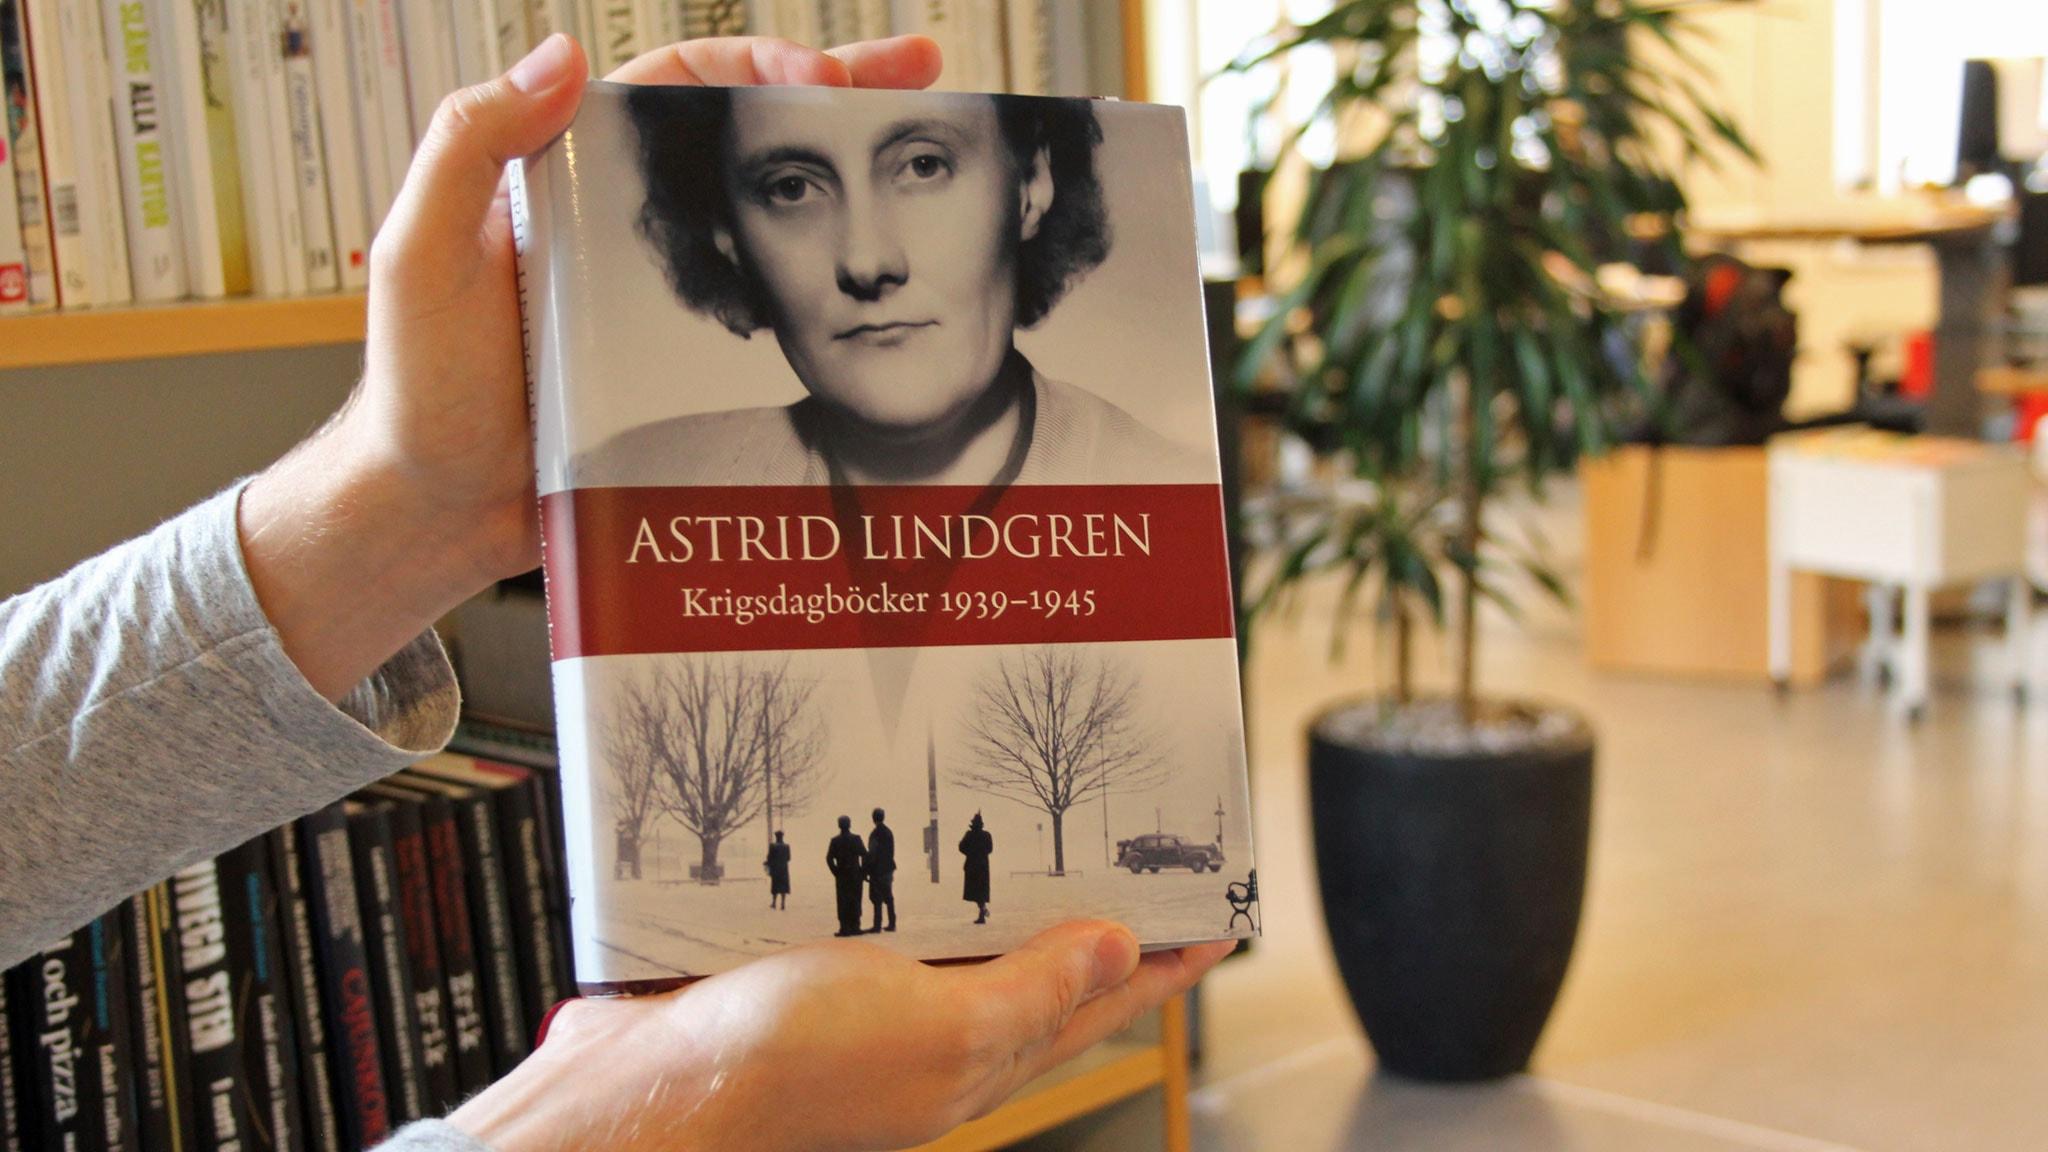 Astrid lindgrens dagbok ges ut